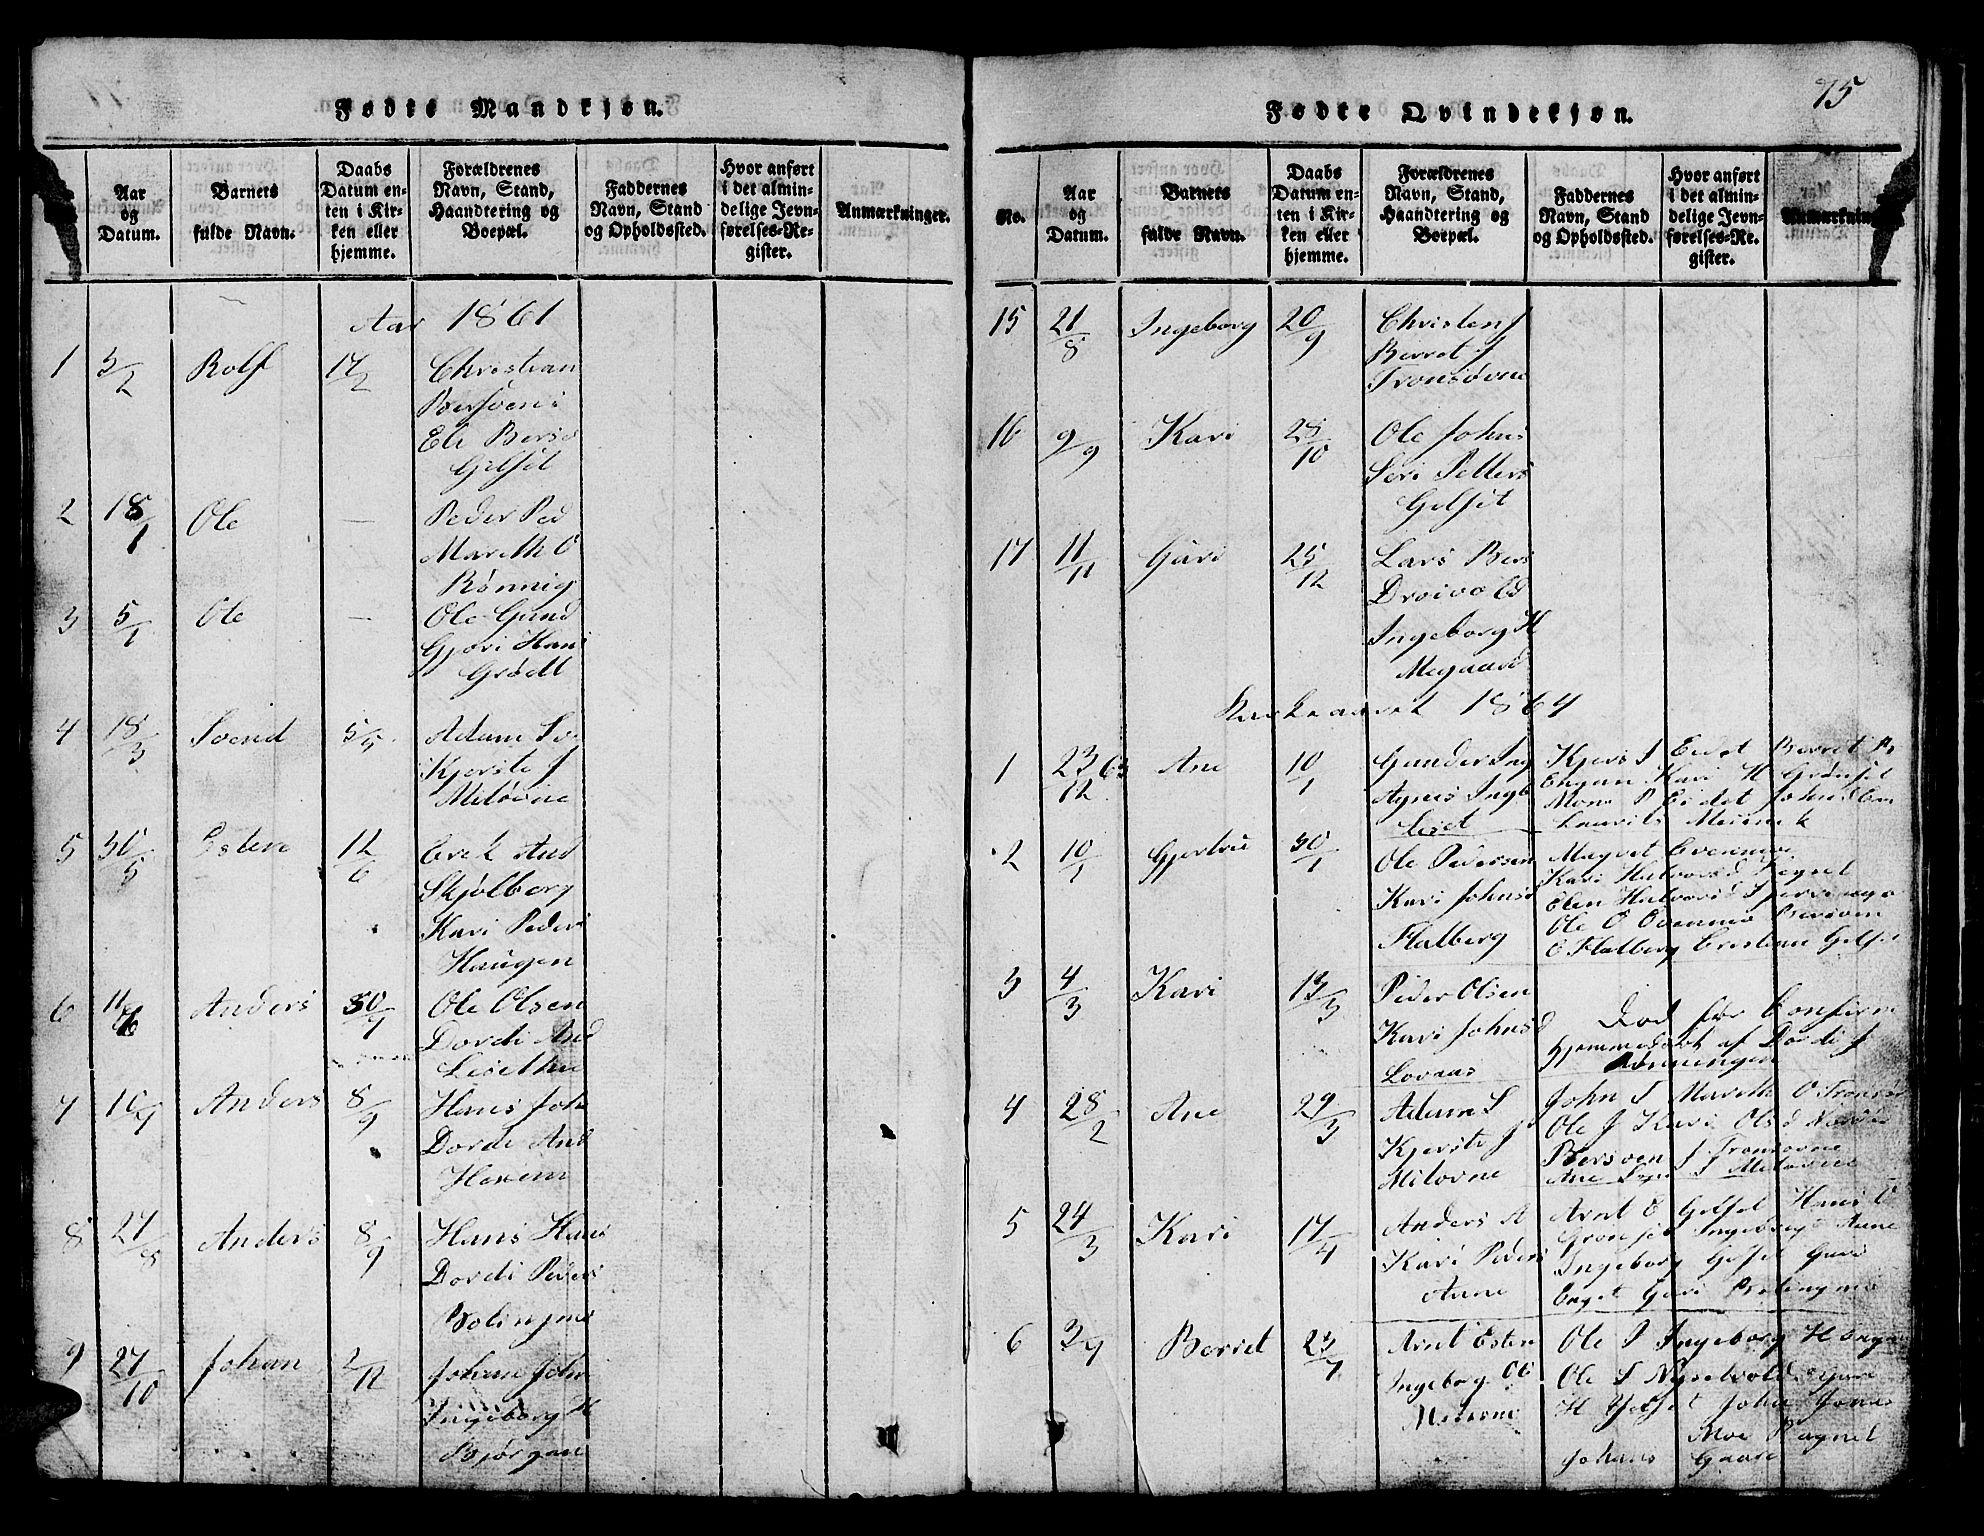 SAT, Ministerialprotokoller, klokkerbøker og fødselsregistre - Sør-Trøndelag, 685/L0976: Klokkerbok nr. 685C01, 1817-1878, s. 75